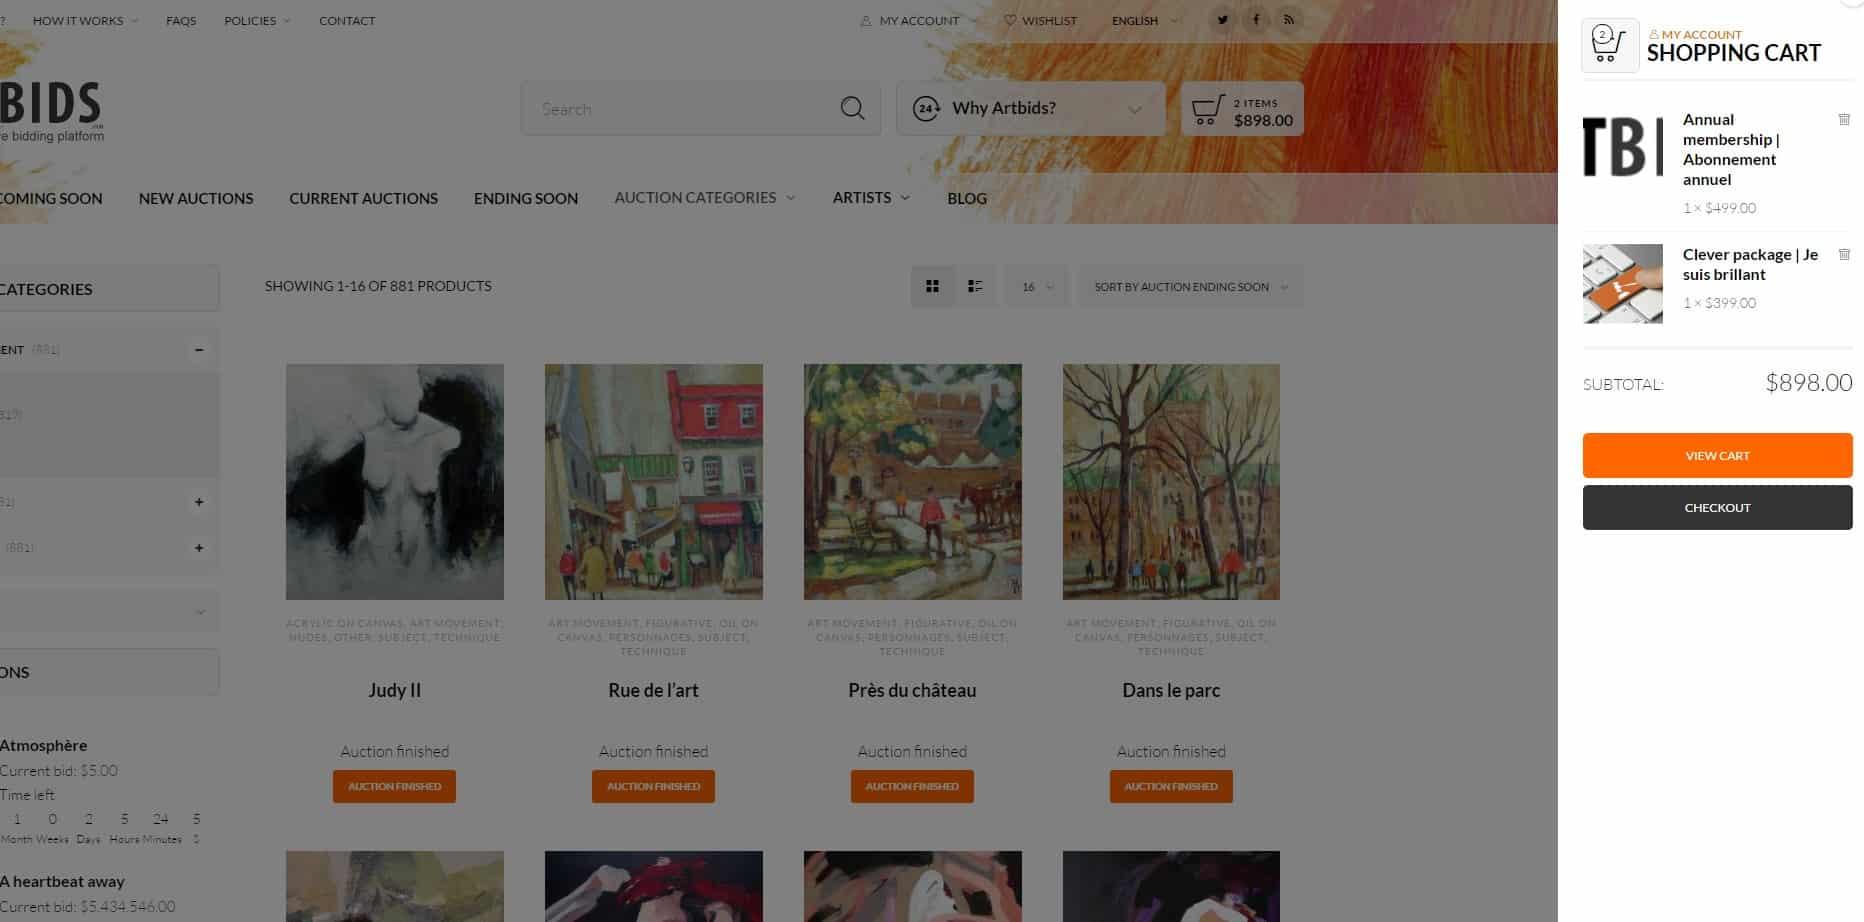 conception-web-pour-artbids-club-8